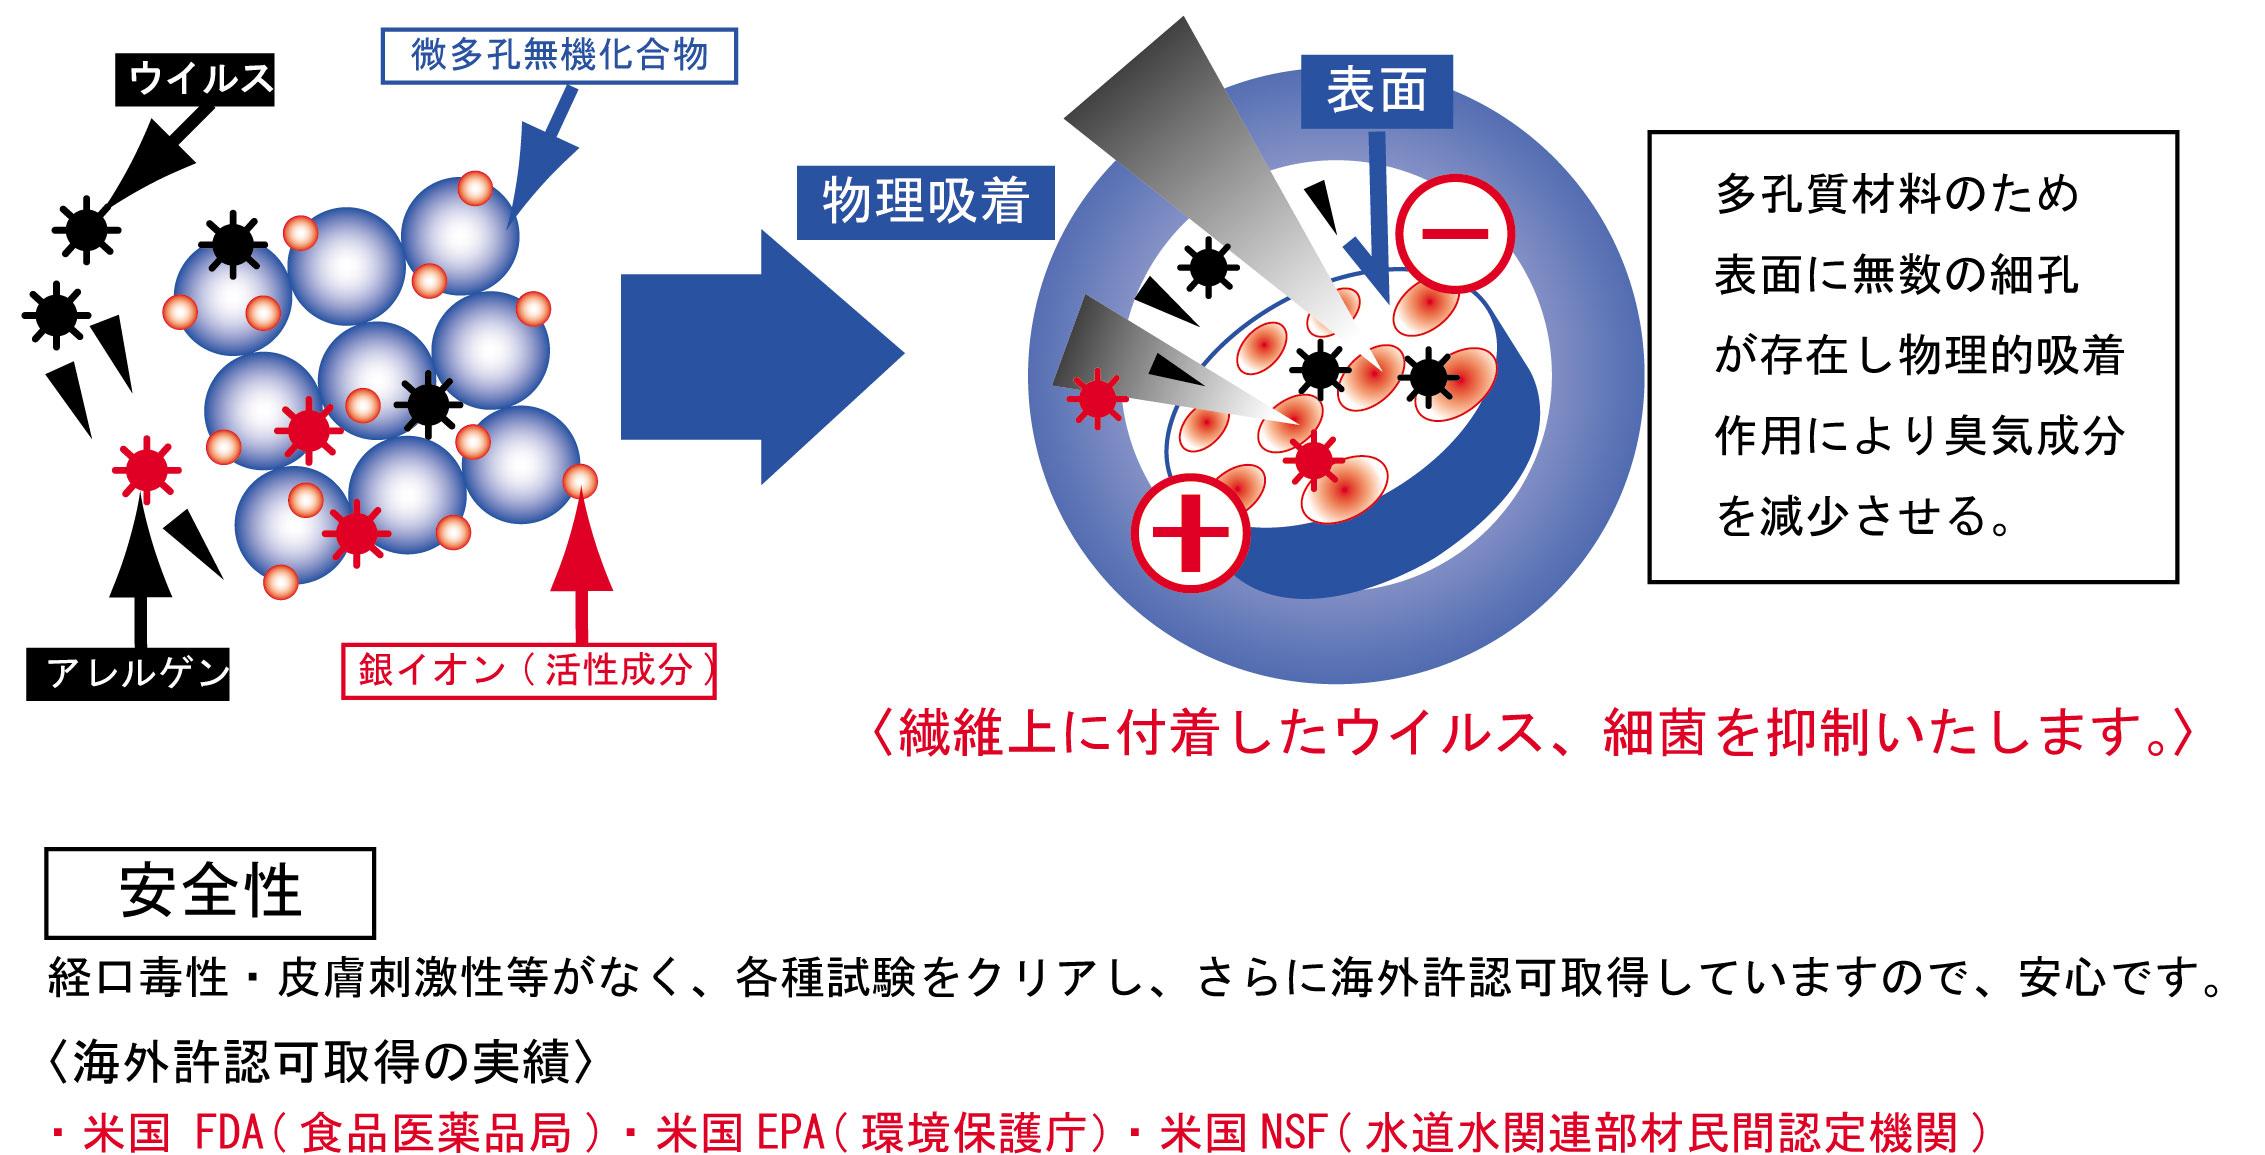 ウイルス飛沫感染予防